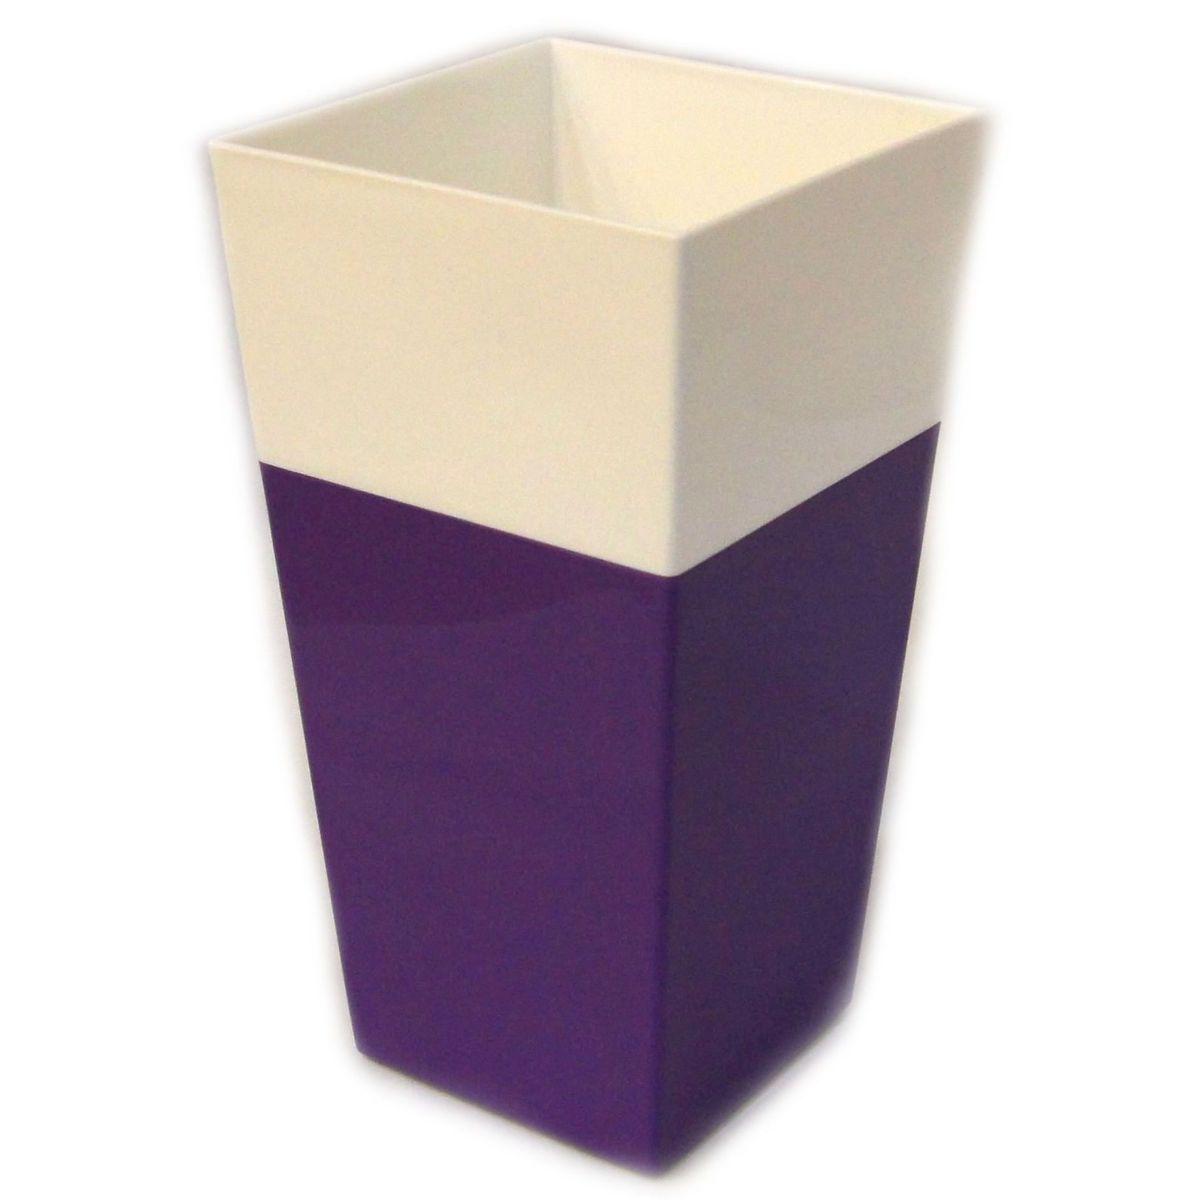 Кашпо JetPlast Дуэт, цвет: фиолетовый, белый, высота 34 см4612754052653Кашпо имеет строгий дизайн и состоит из двух частей: верхней части для цветка и нижней – поддона. Конструкция горшка позволяет, при желании, использовать систему фитильного полива, снабдив горшок веревкой. Оно изготовлено из прочного полипропилена (пластика). Размеры кашпо: 18 х 18 х 34 см.